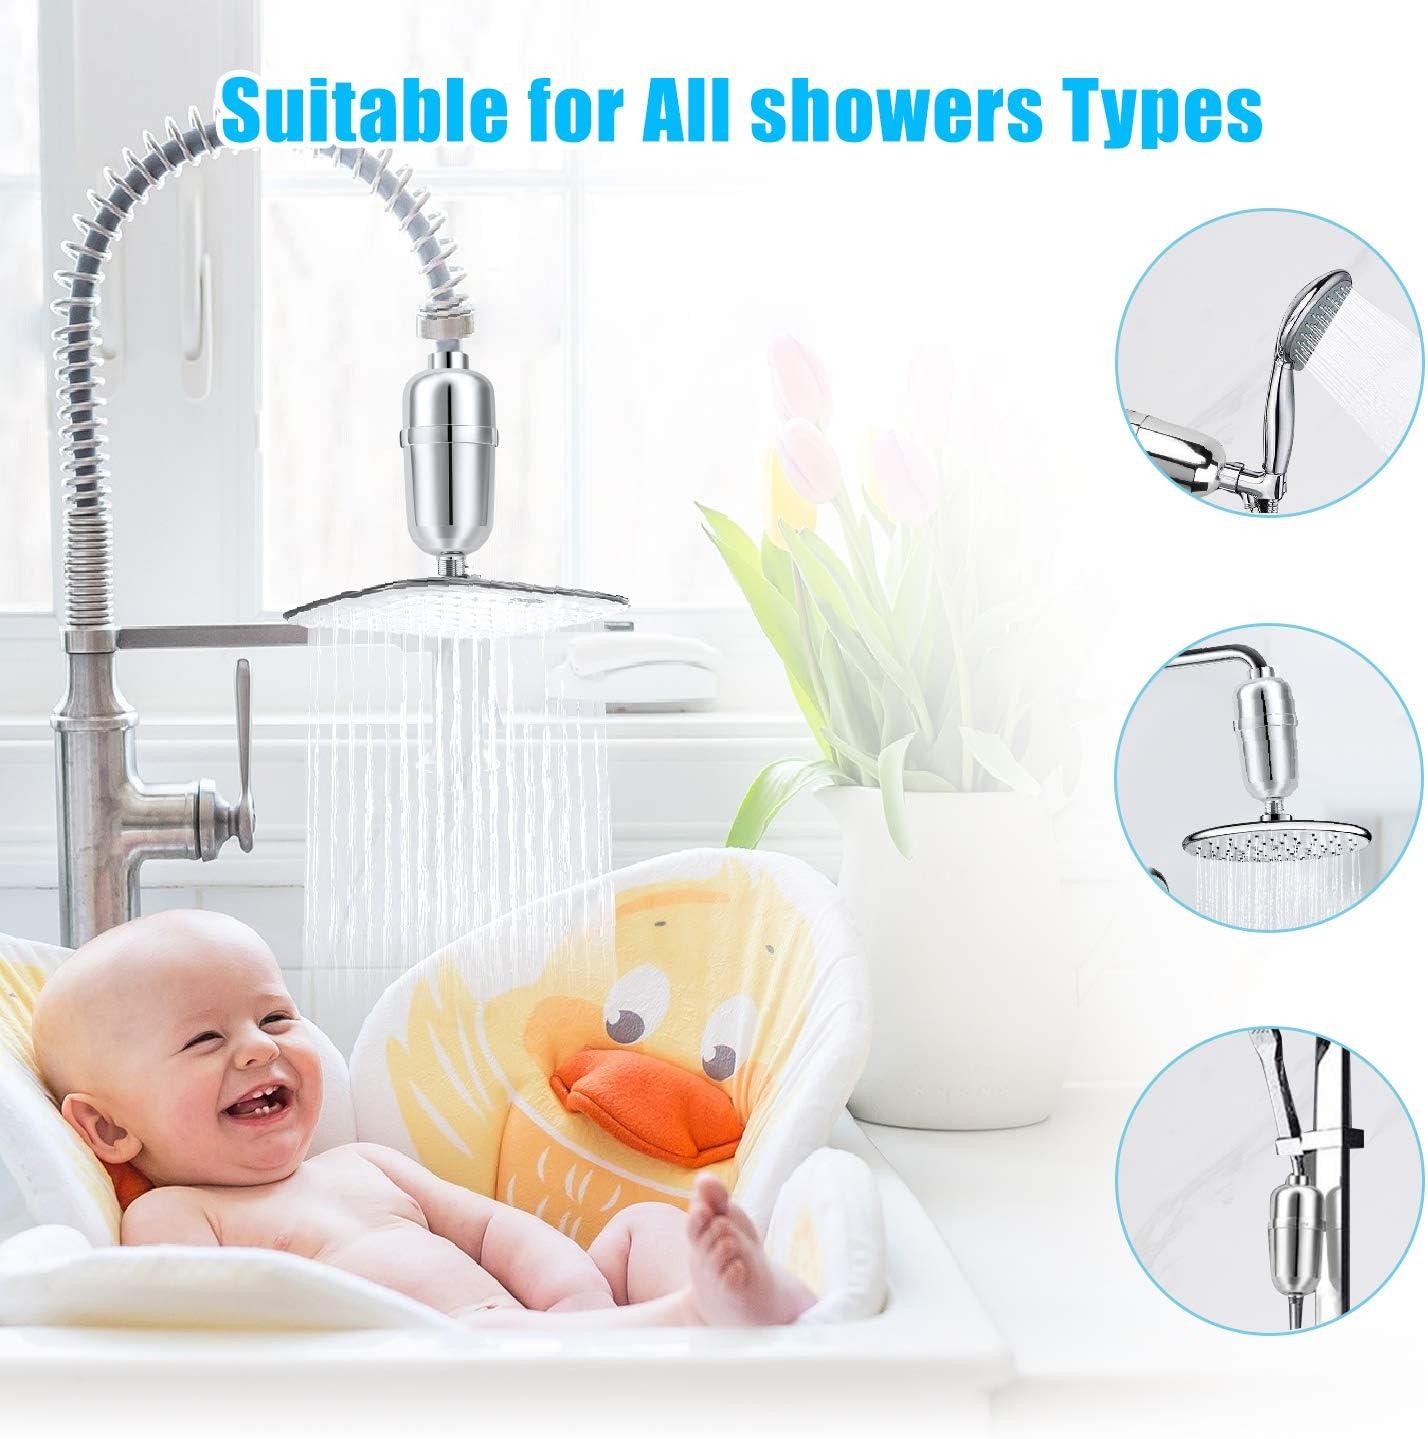 Filtro de ducha con filtro de cabezal de ducha de 16 etapas para agua dura con cartuchos de filtro reemplazables,filtro de cabezal de ducha para eliminar el cloro y el fl/úor 1 pieza